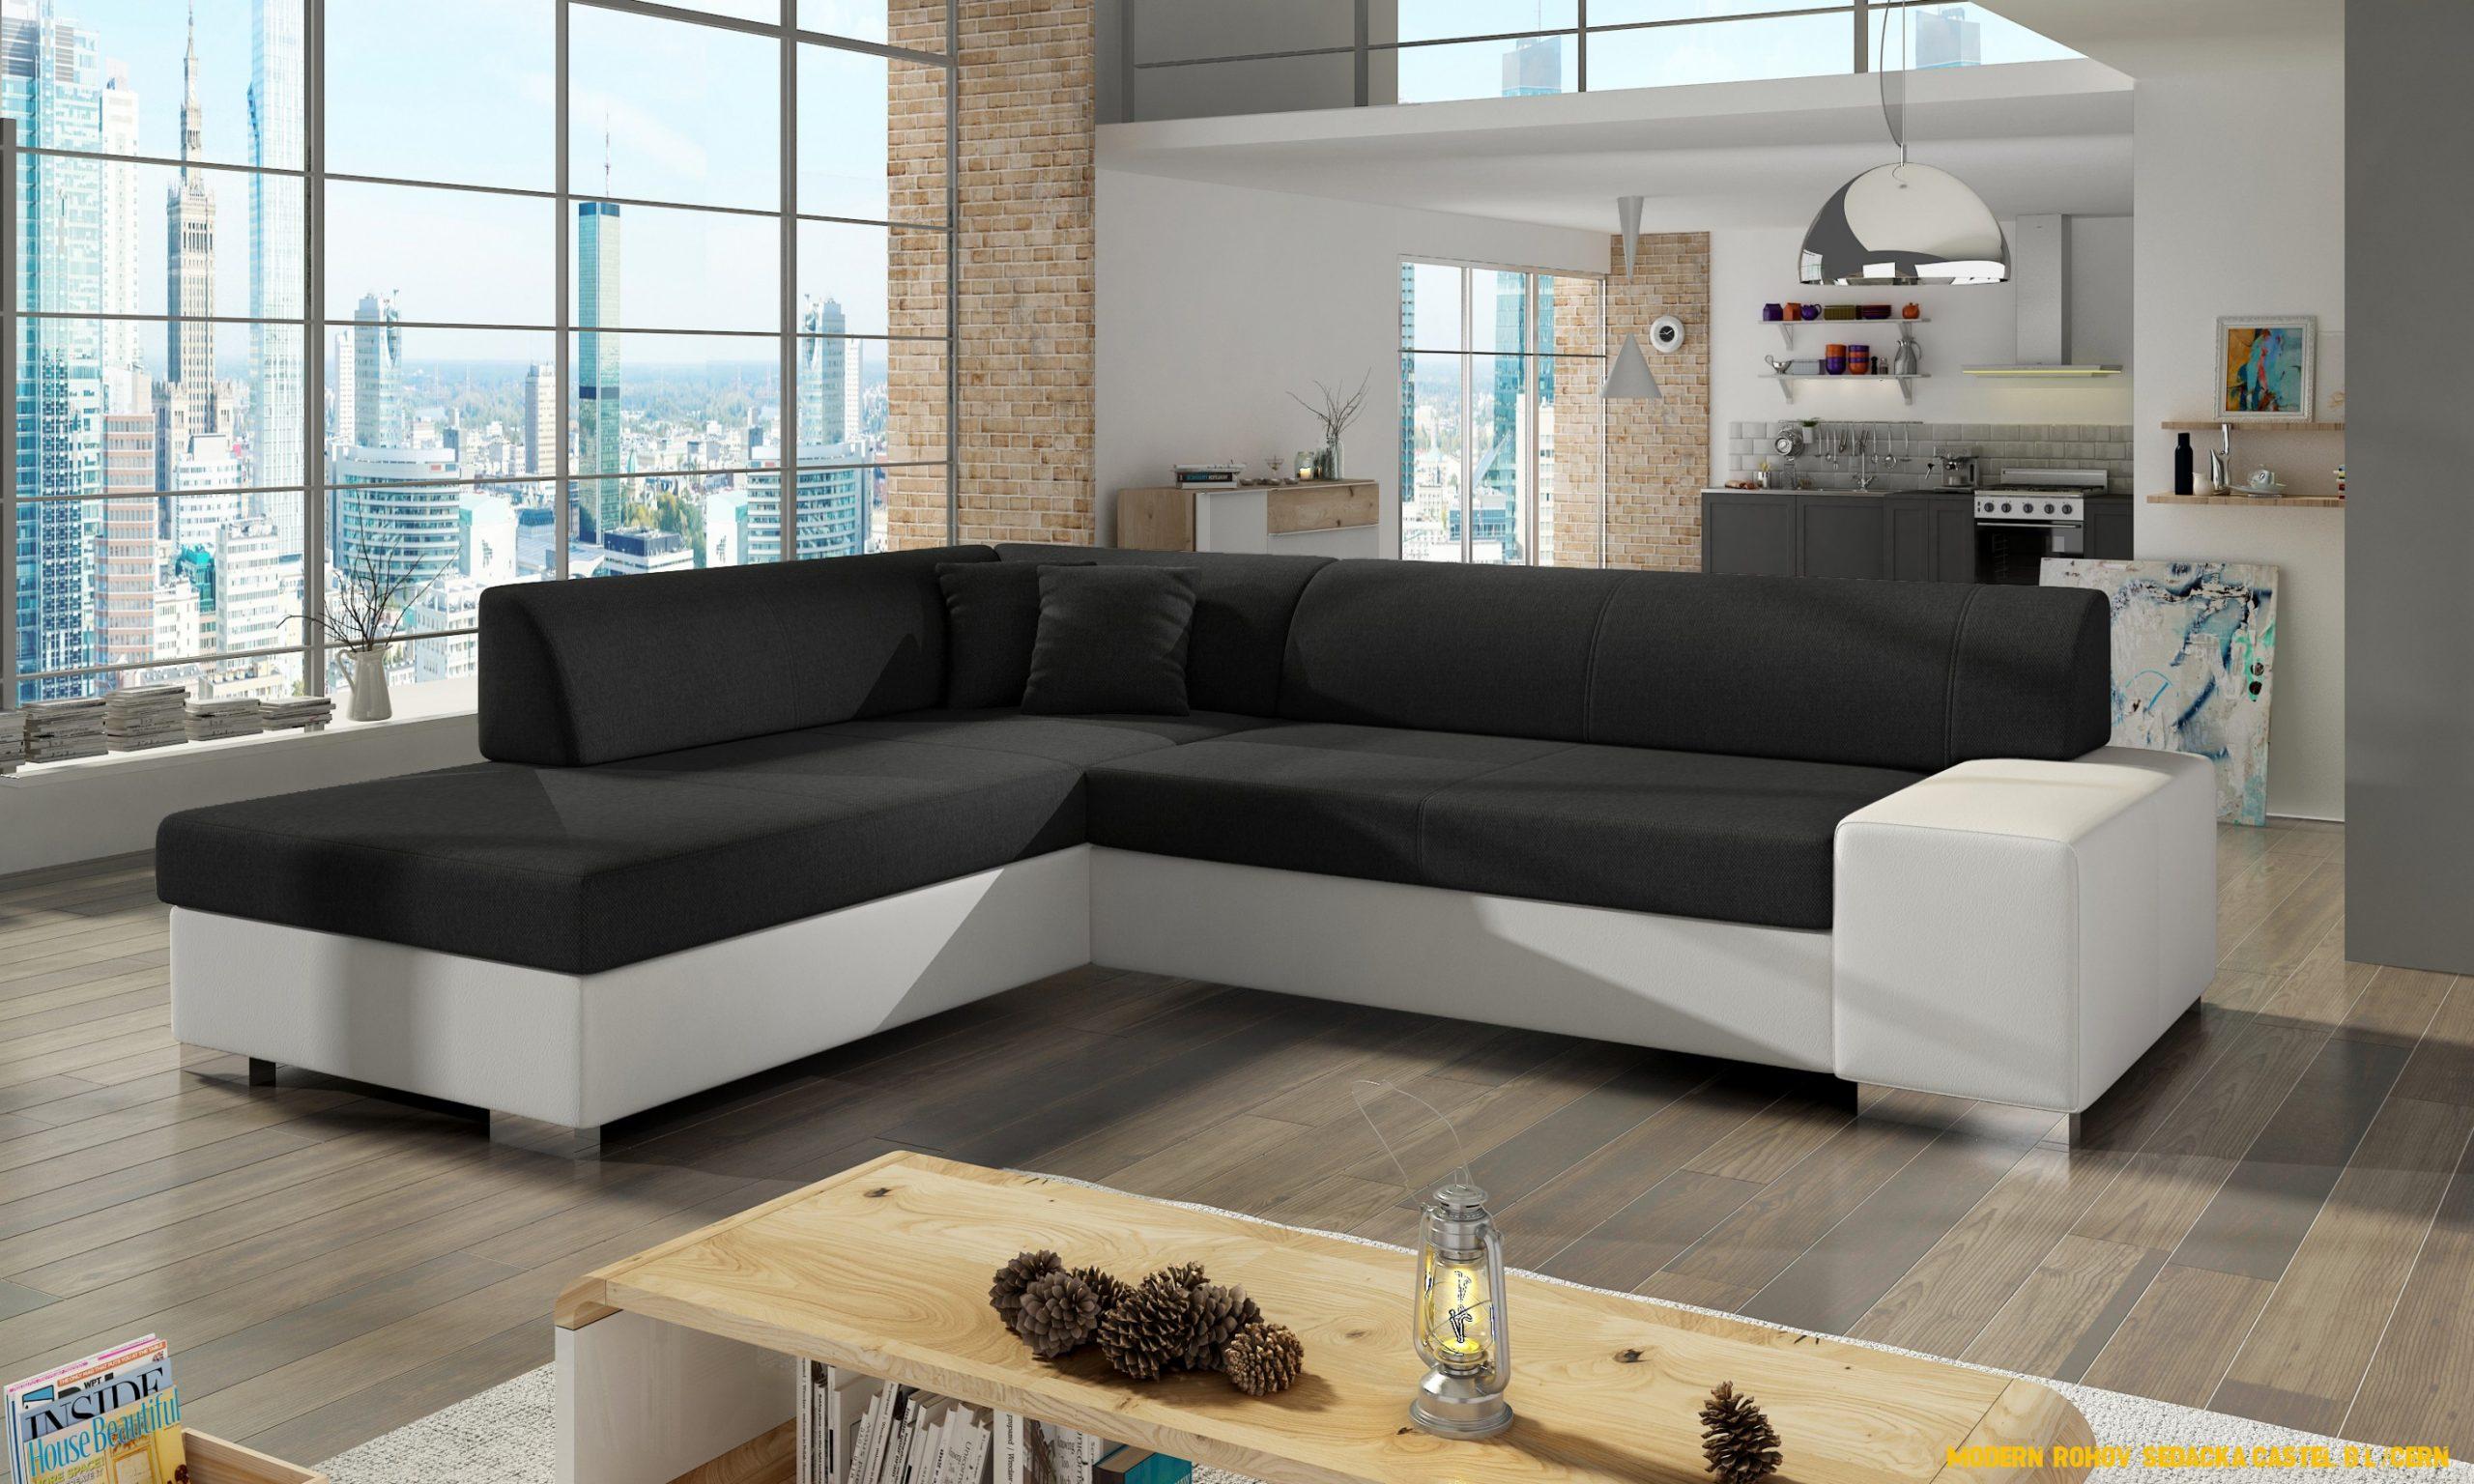 Moderní rohová sedacka Castel, bílá / cerná